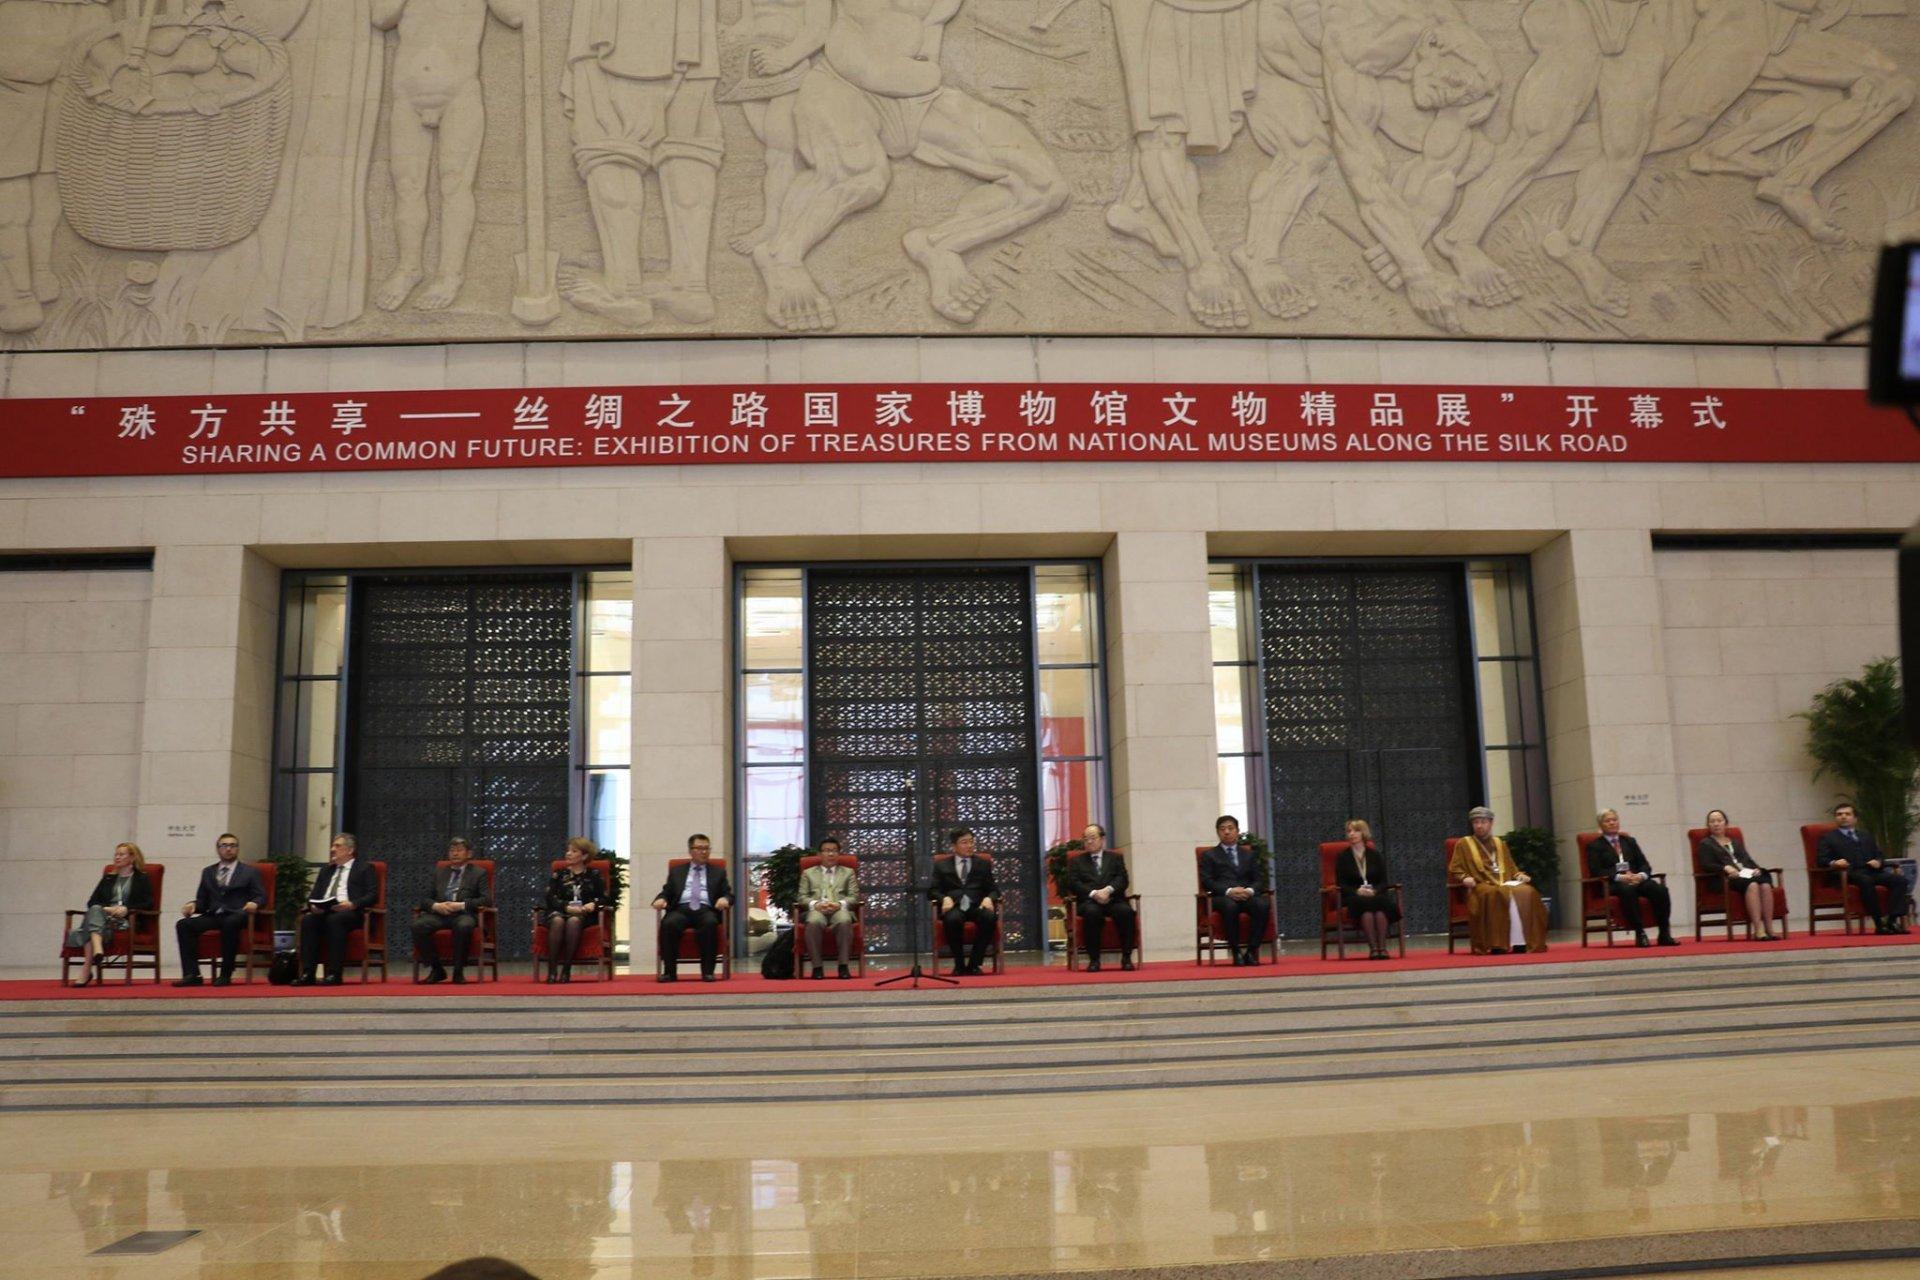 """БНХАУ-ын Үндэсний музейд зохион байгуулагдсан """"Торгоны зам дагуух Үндэсний музейдын эрдэнэс"""" үзэсгэлэн нээлтээ хийлээ."""